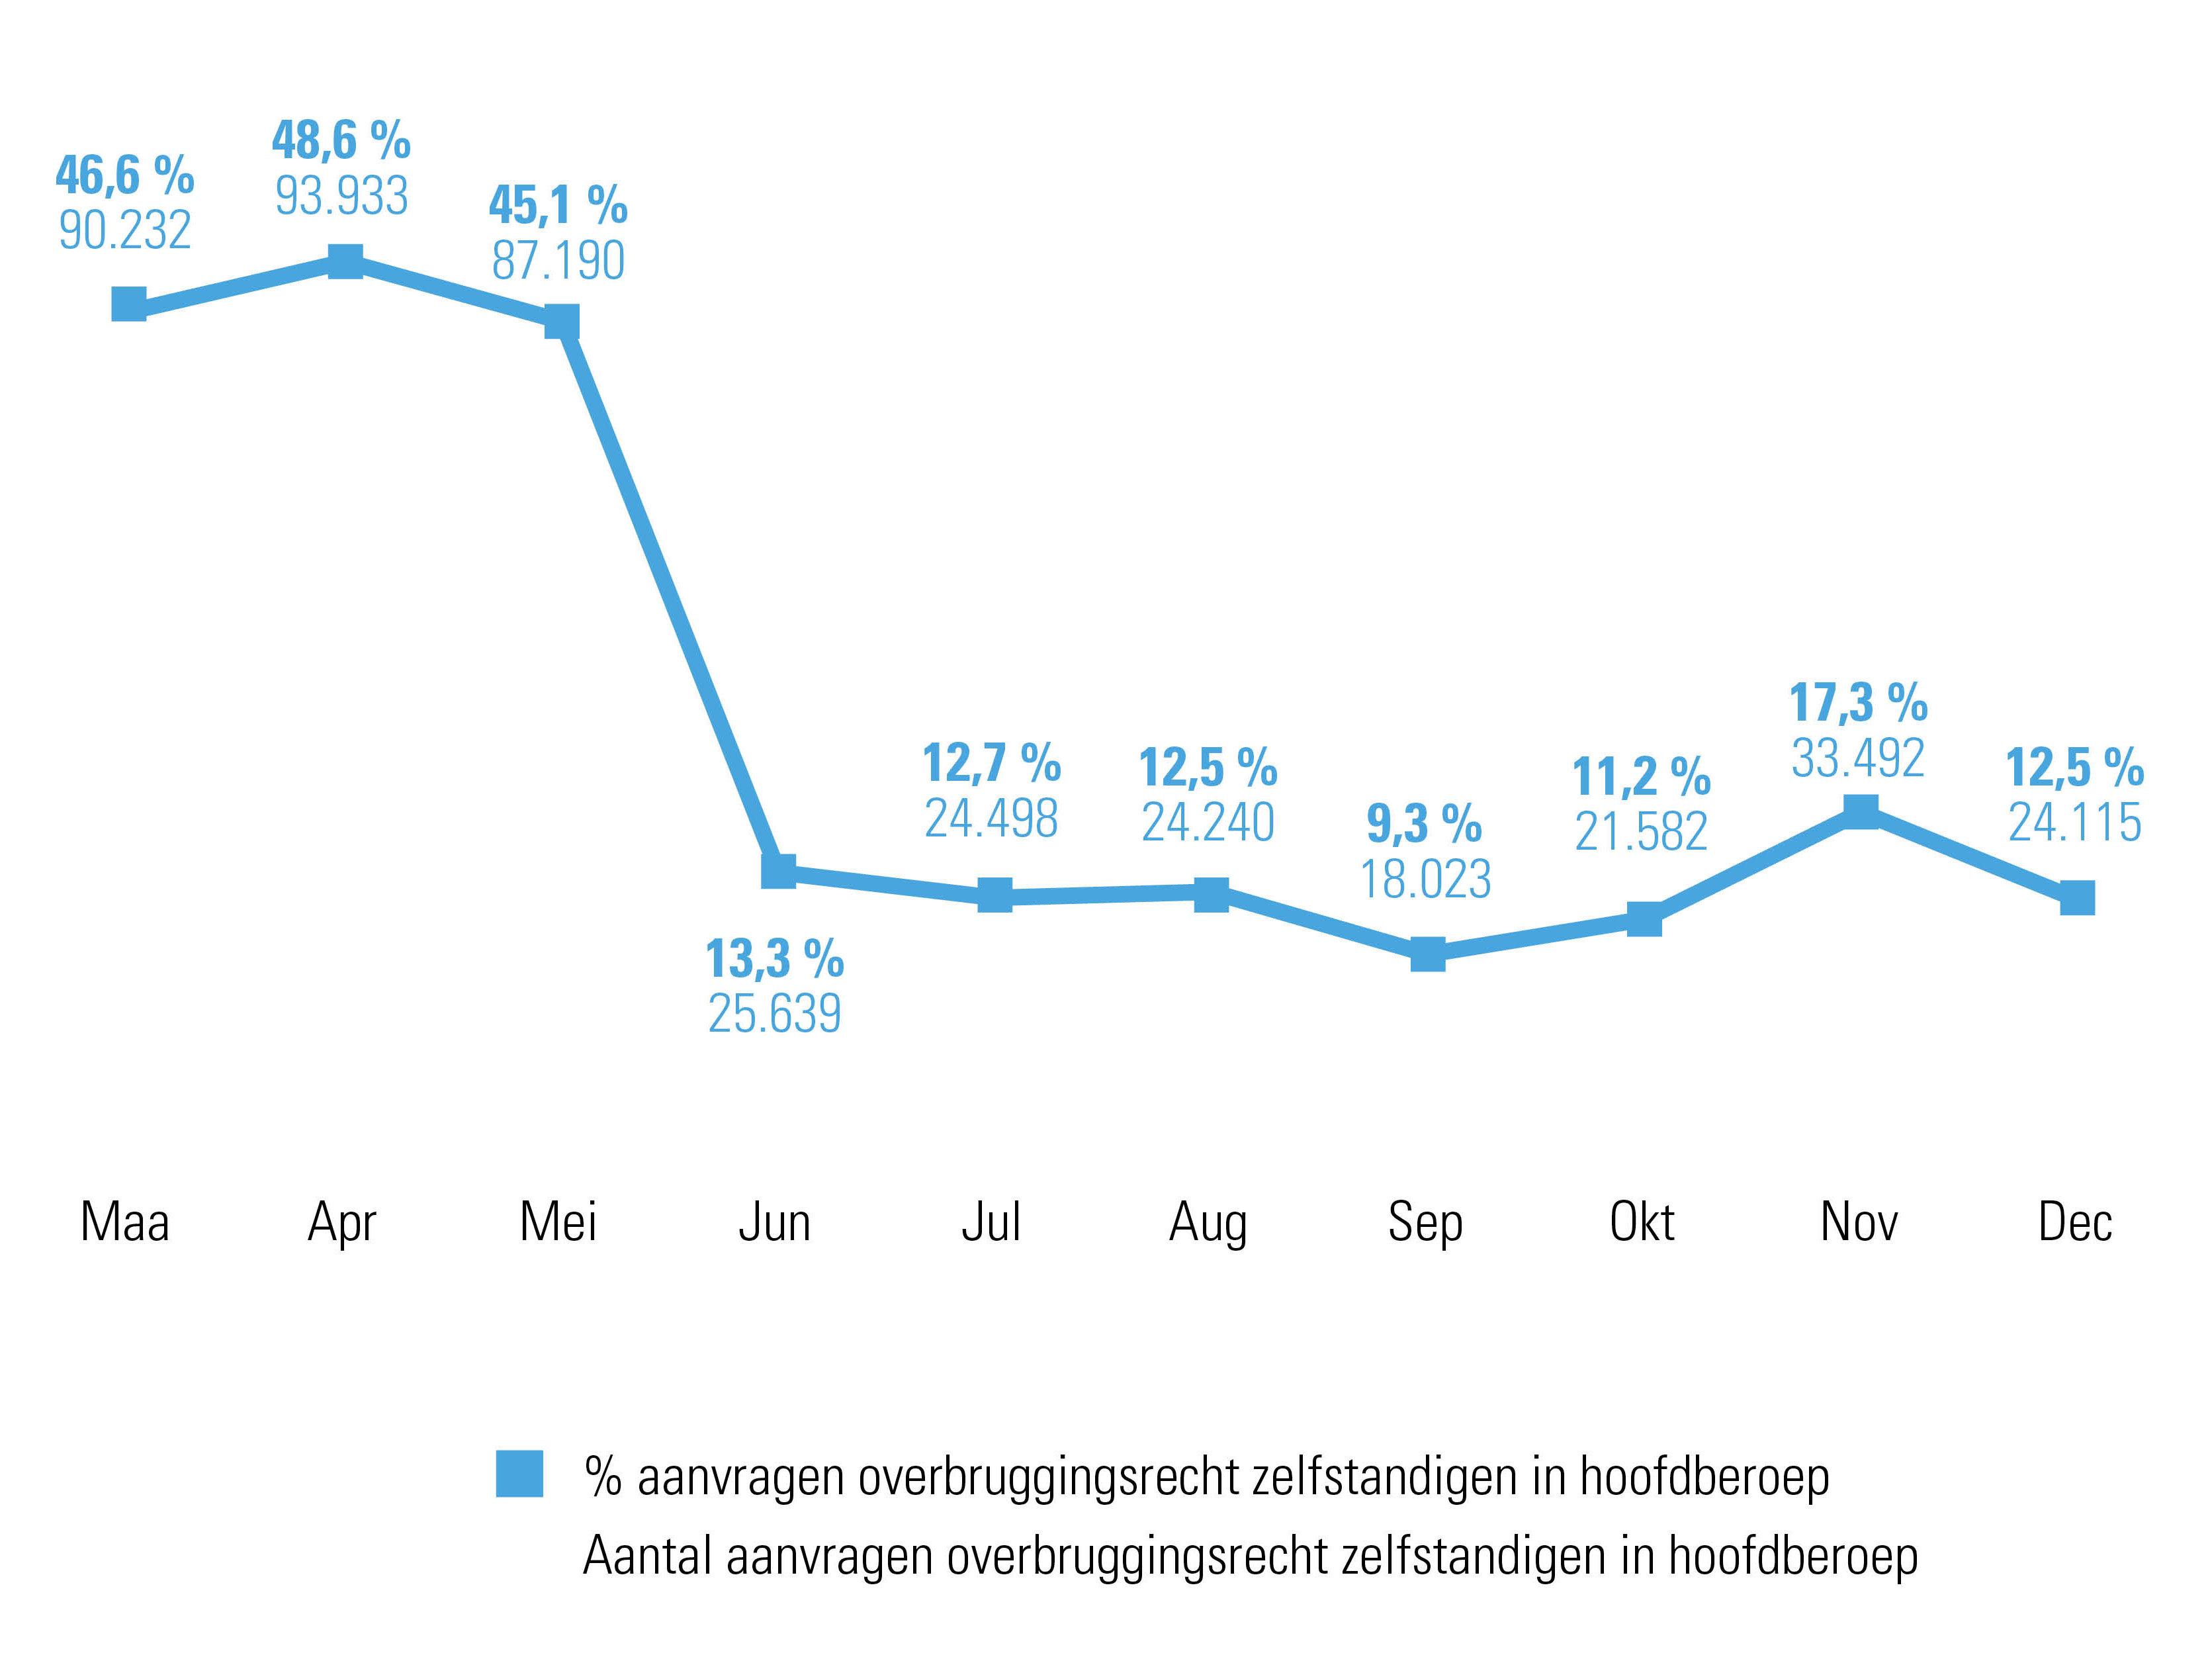 % en aantal aanvragen overbruggingsrecht bij Acerta door zelfstandigen in hoofdberoep